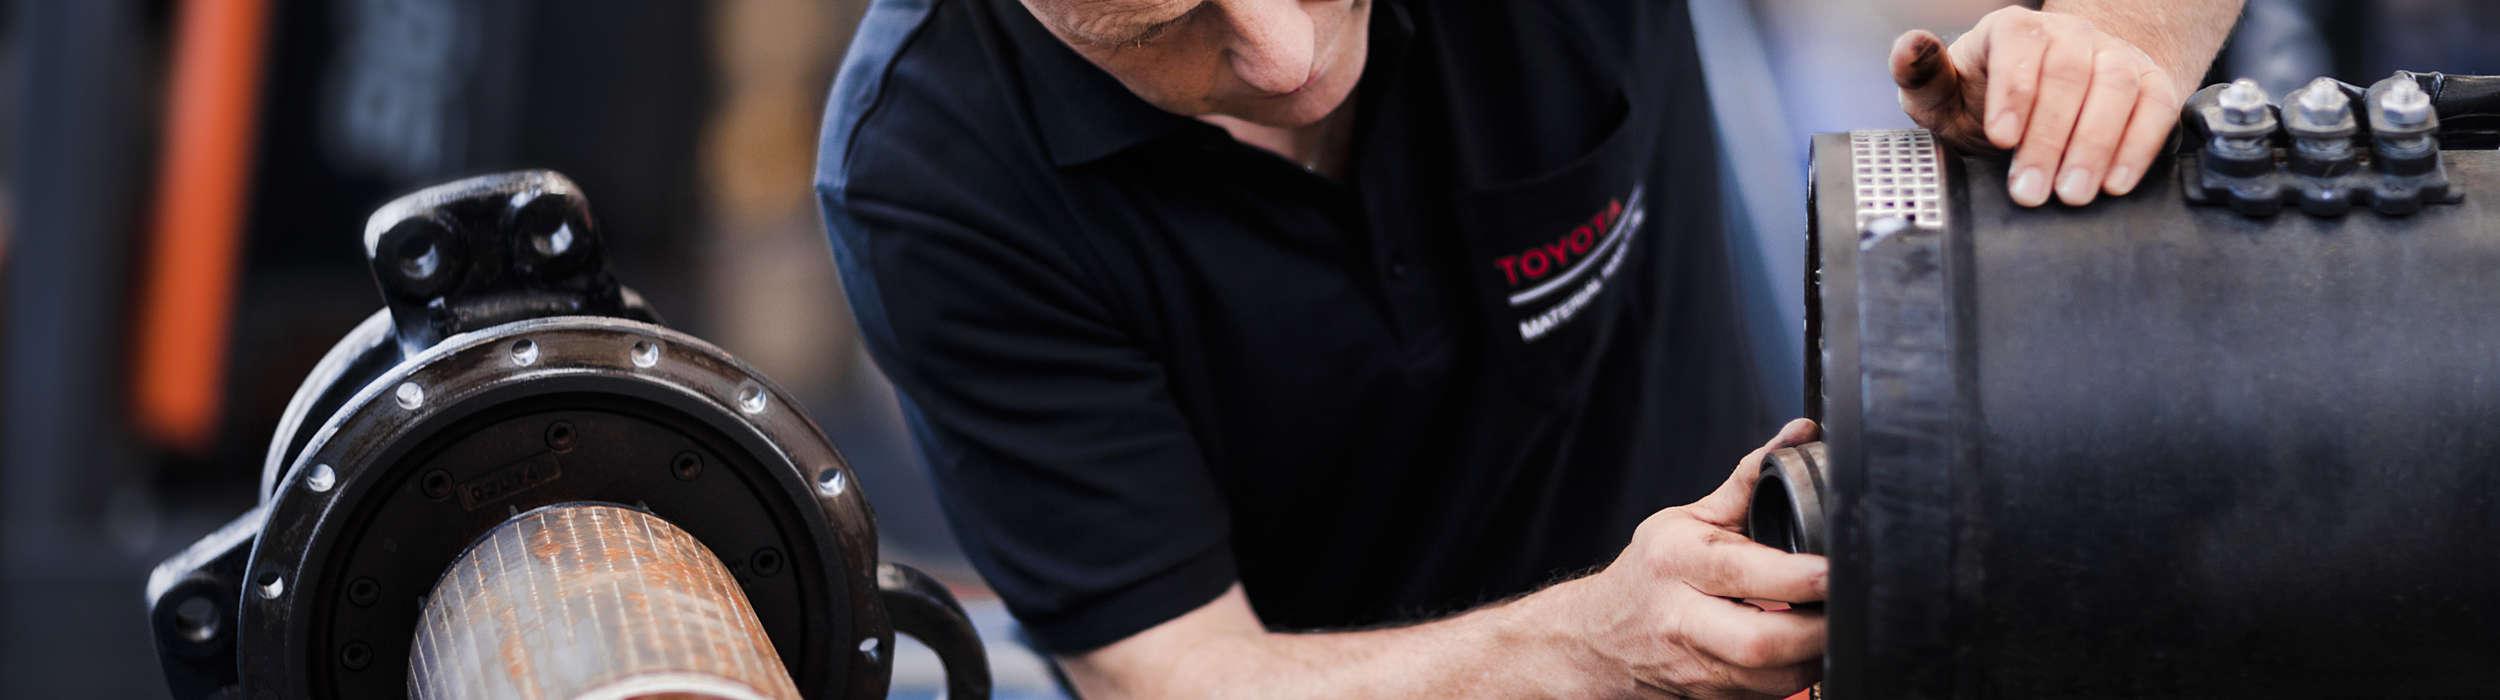 Τεχνικός / Μηχανικός Οχημάτων της Toyota Material Handling Greece